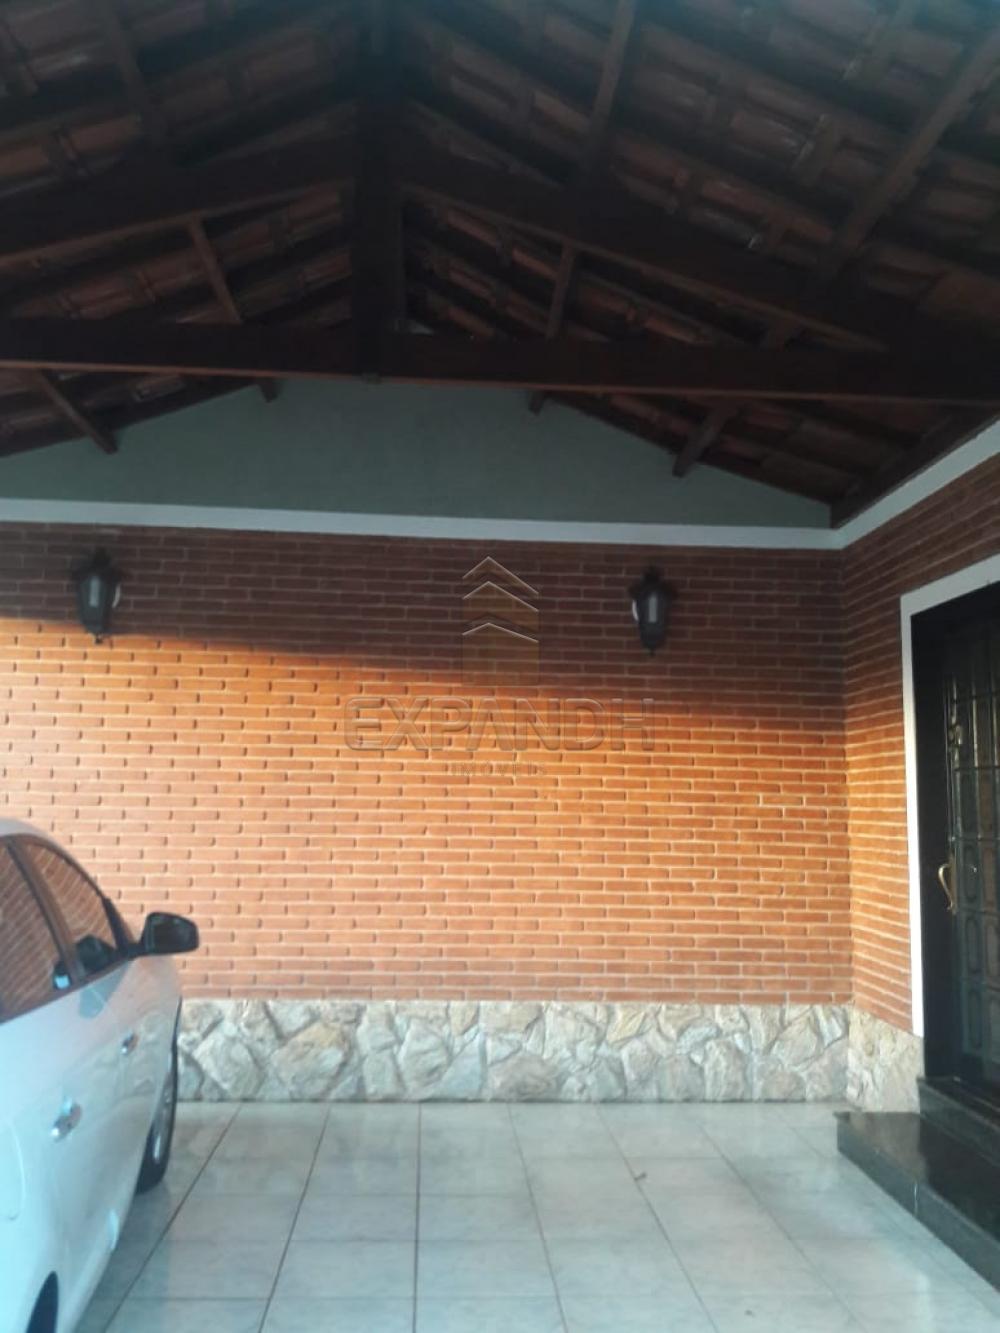 Comprar Casas / Padrão em Sertãozinho apenas R$ 690.000,00 - Foto 4